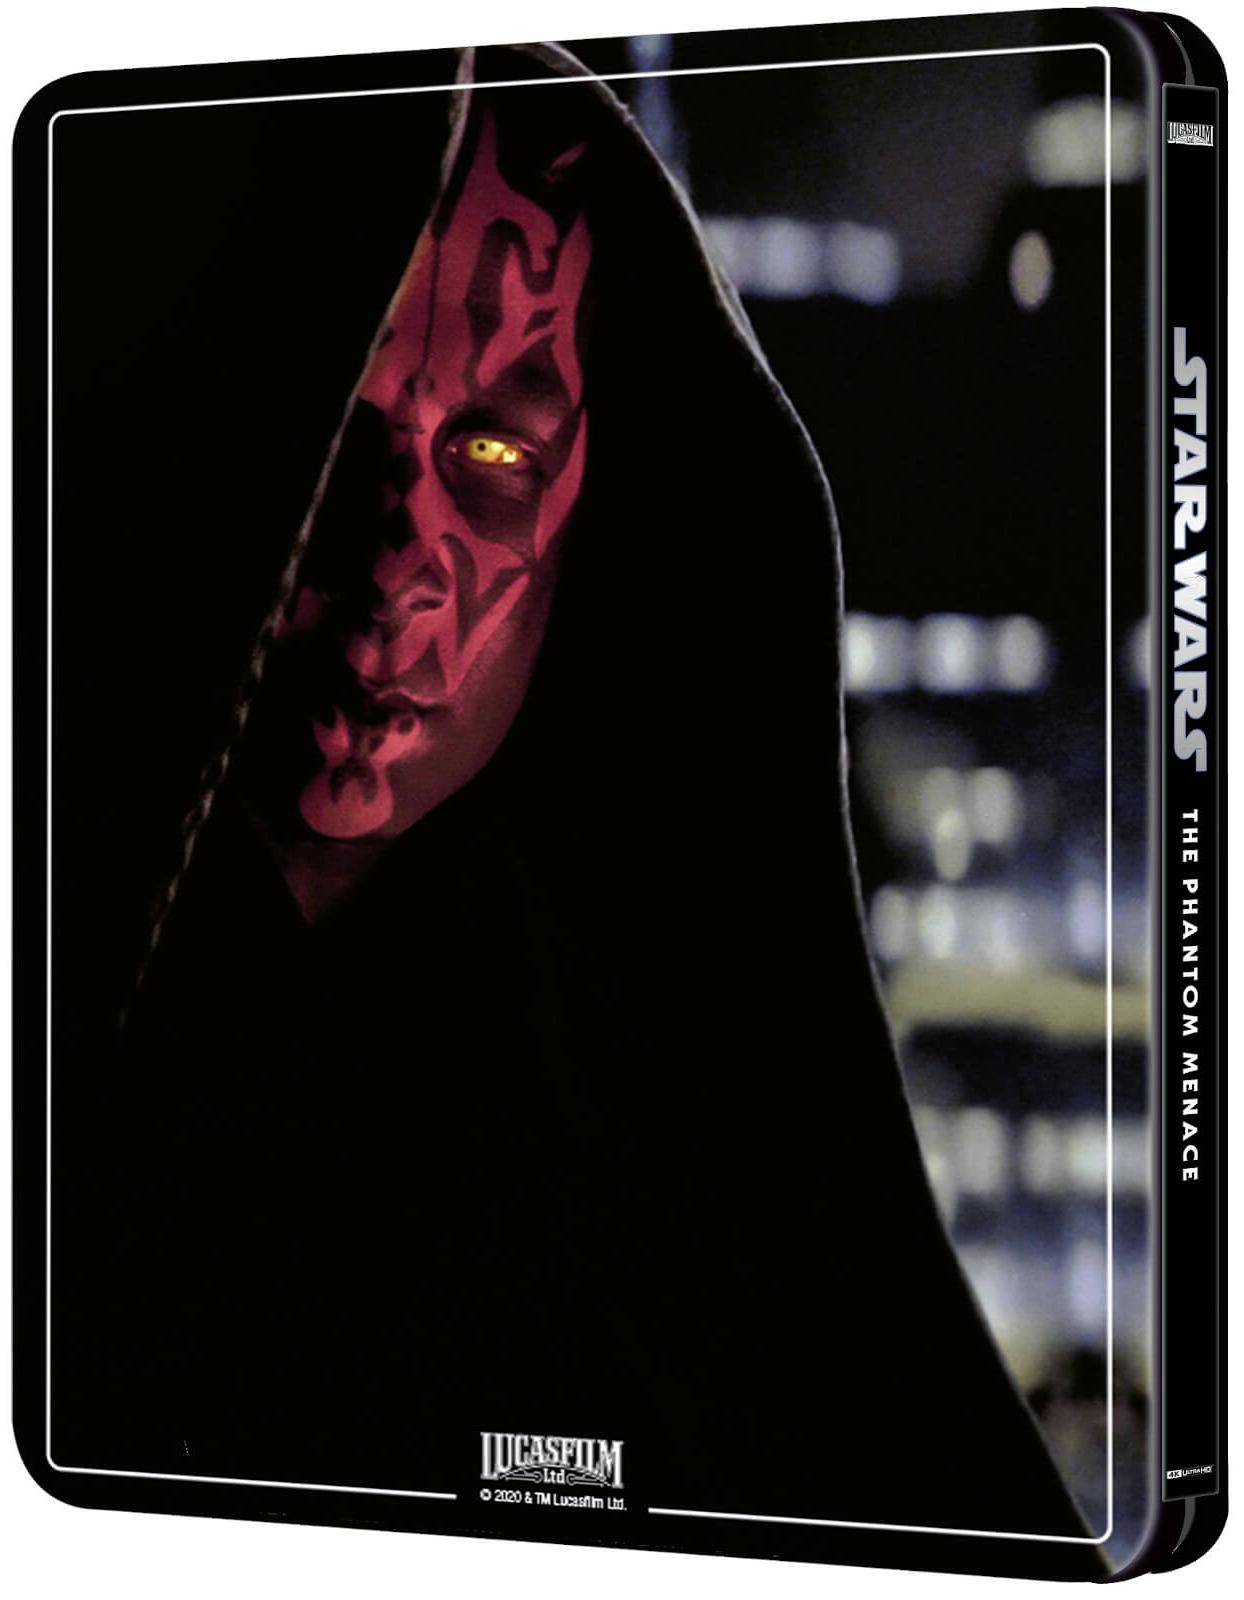 スター・ウォーズ エピソード1/ファントム・メナス スチールブック Star Wars: Episode I The Phantom Menace Zavvi steelbook